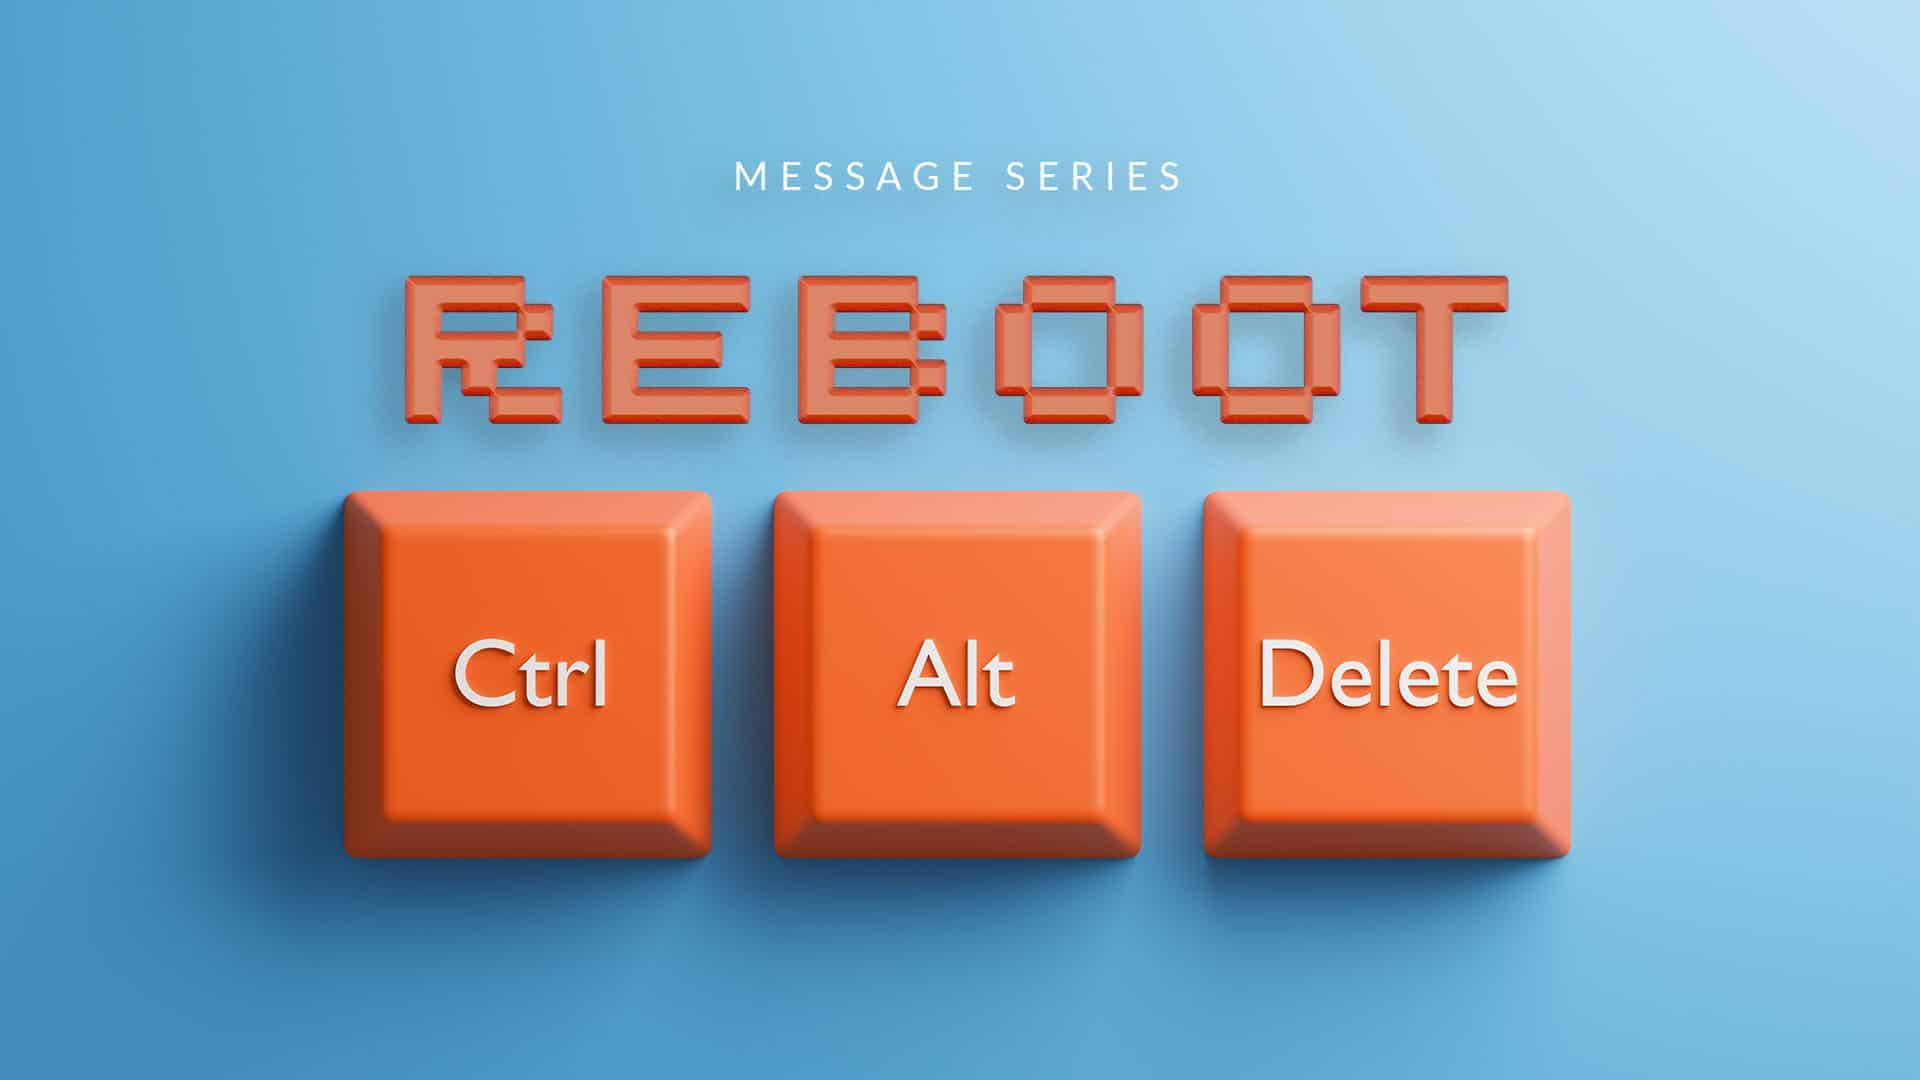 Reboot-Control-Alt-Delete-1920x1080